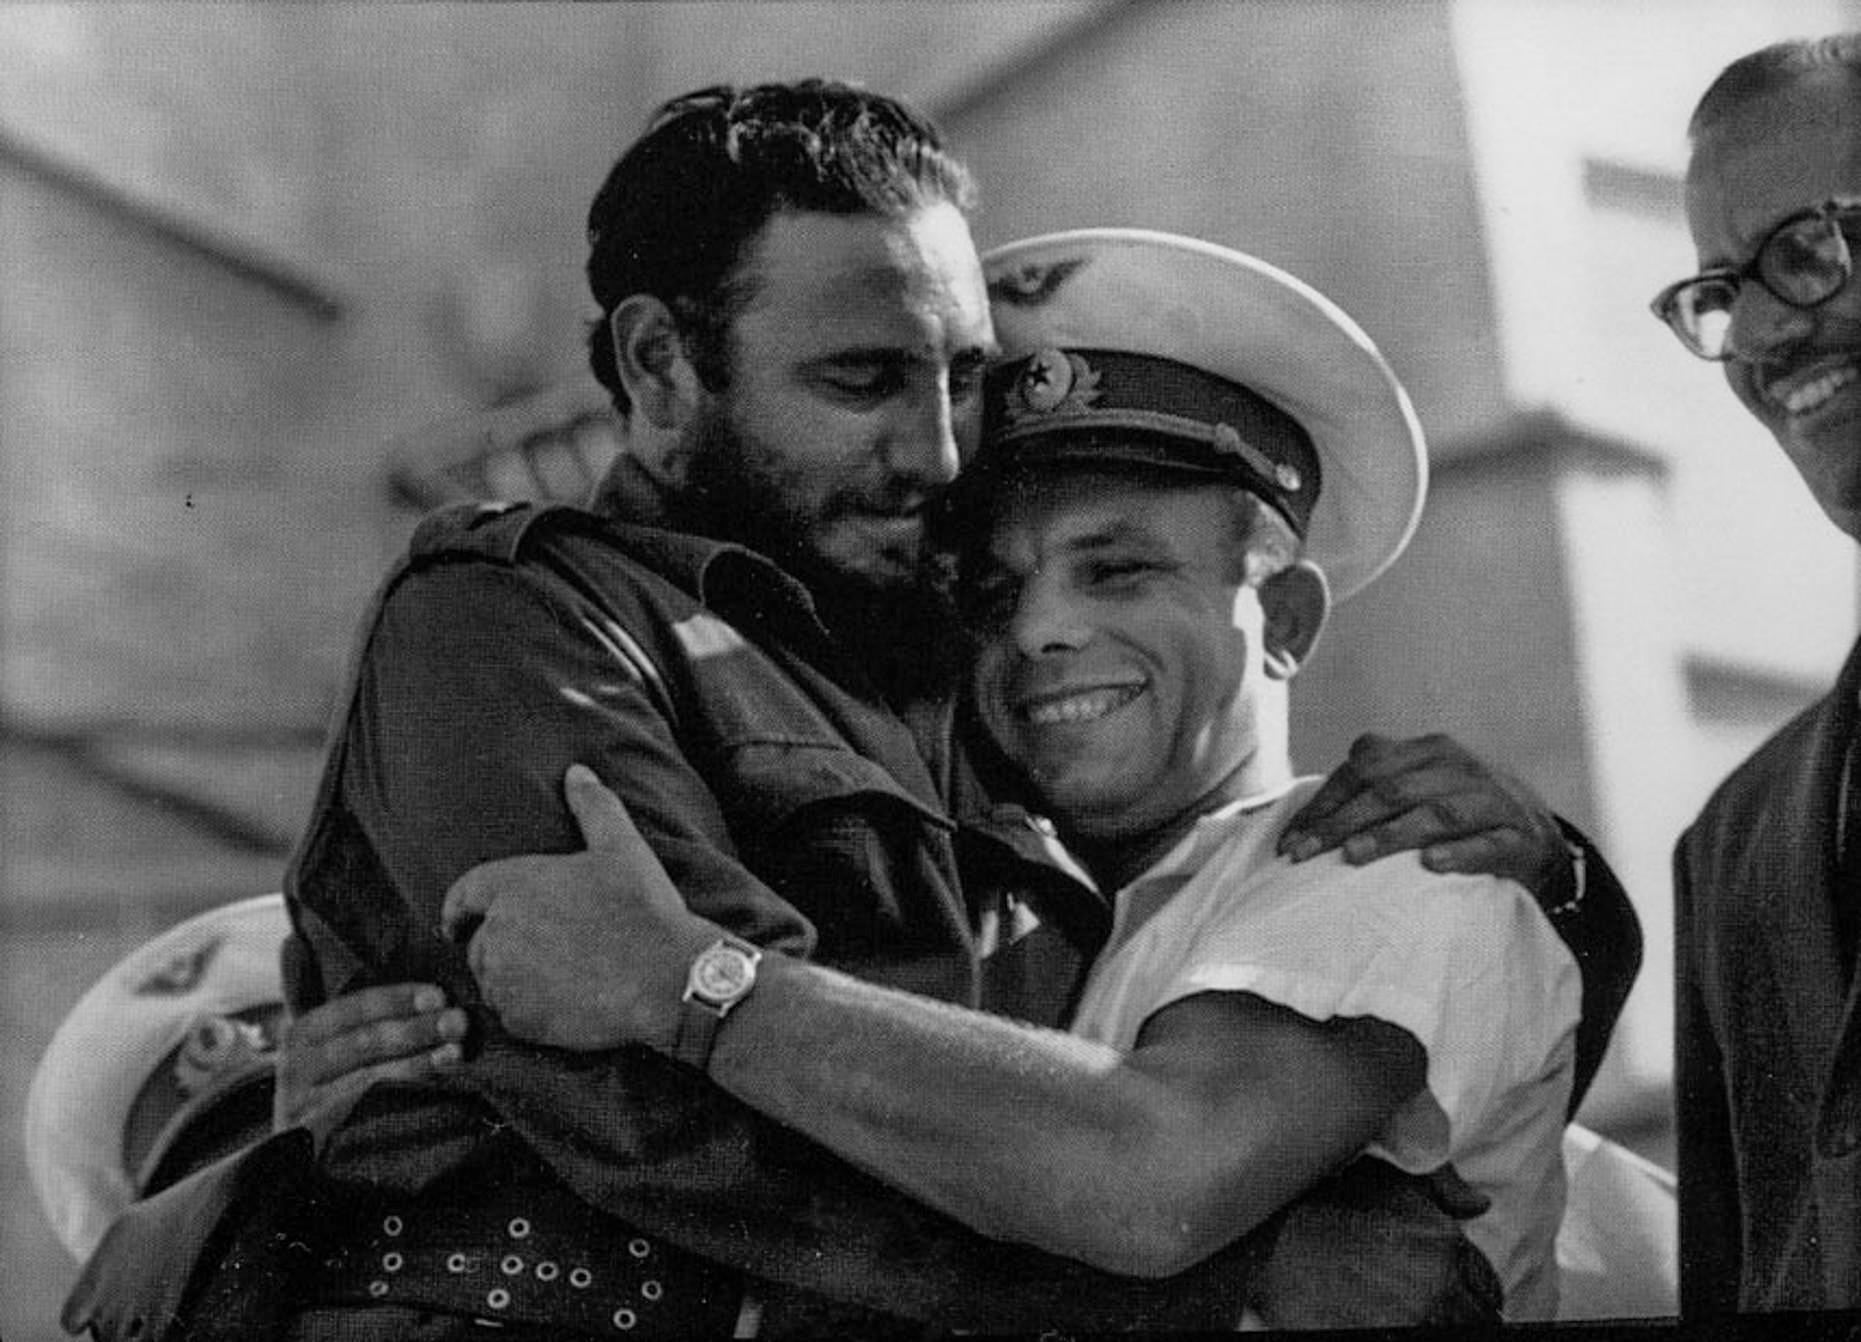 Фидел Кастро и Юрий Гагарин, 26 юни 1961 г.